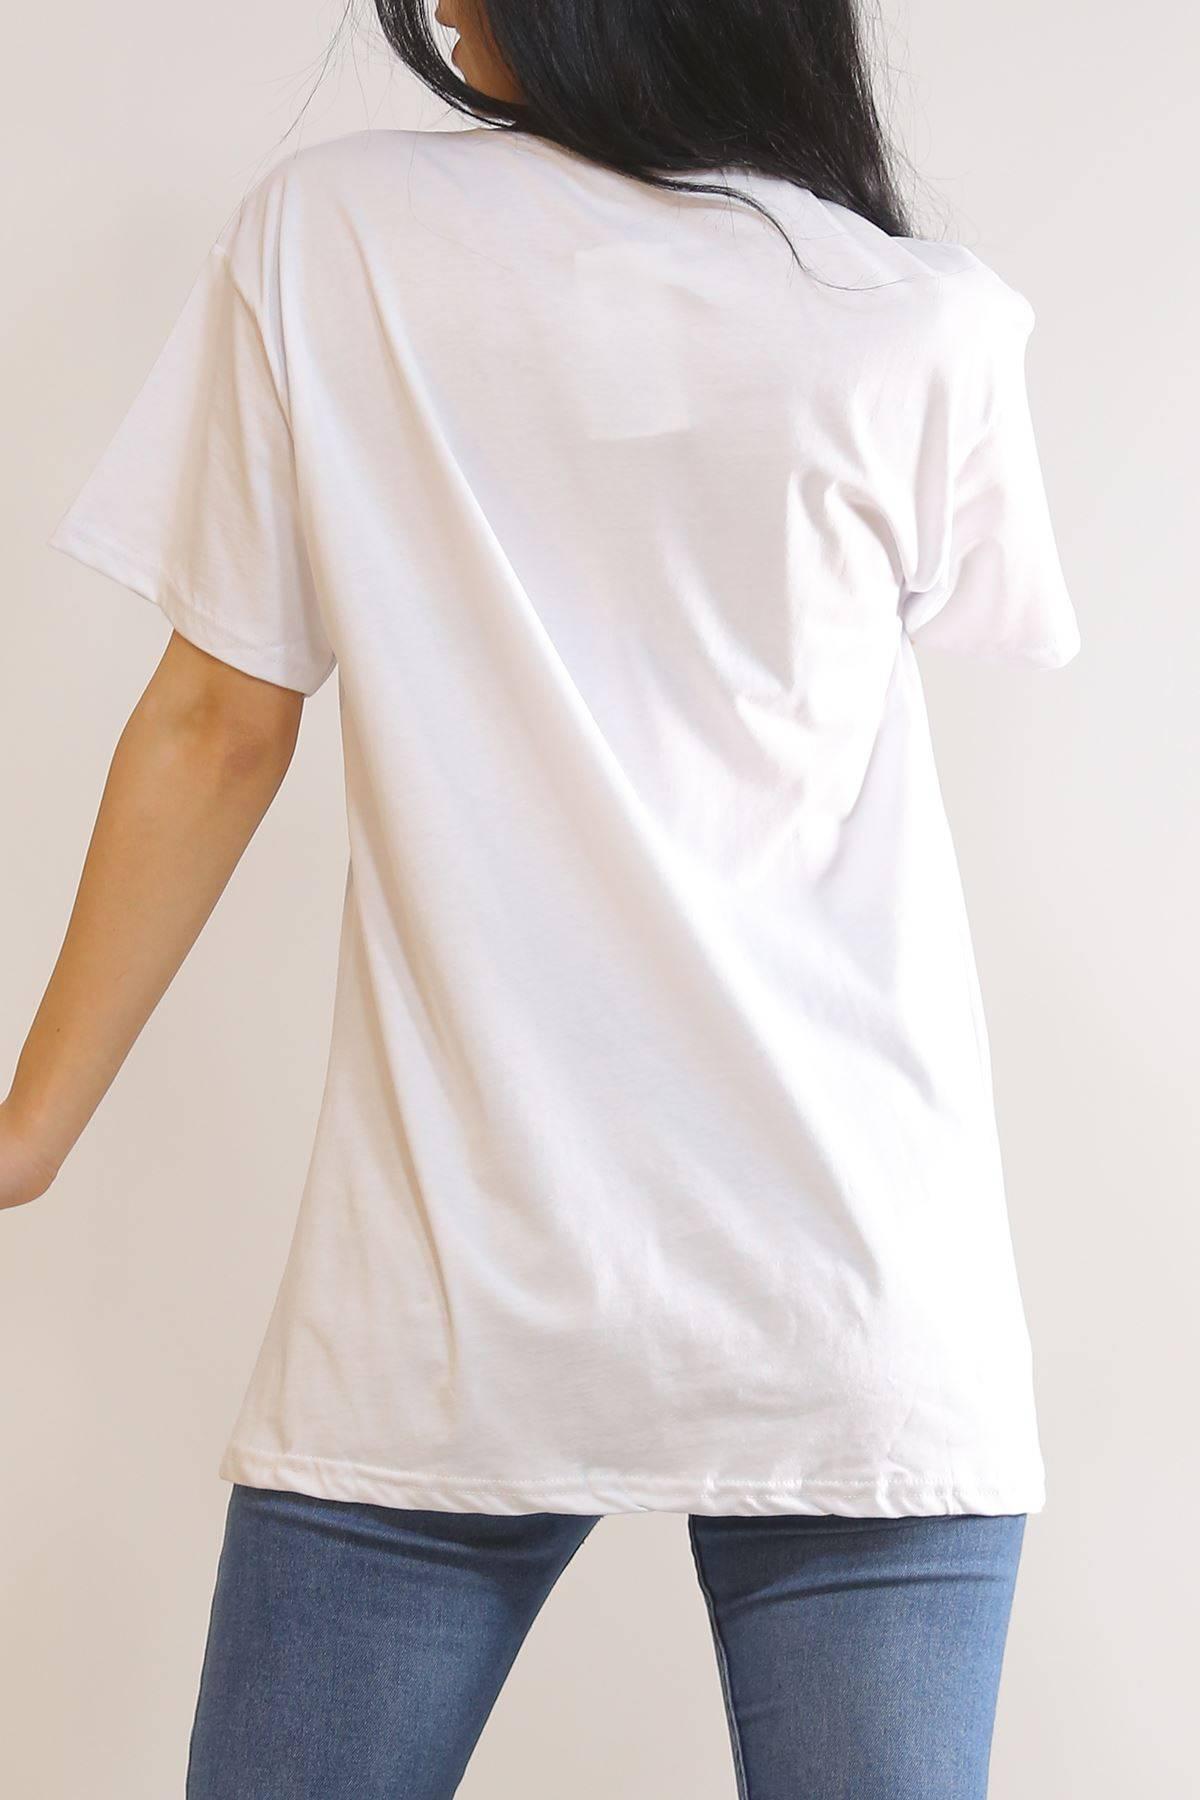 Baskılı Tişört Beyaz - 5902.1377.